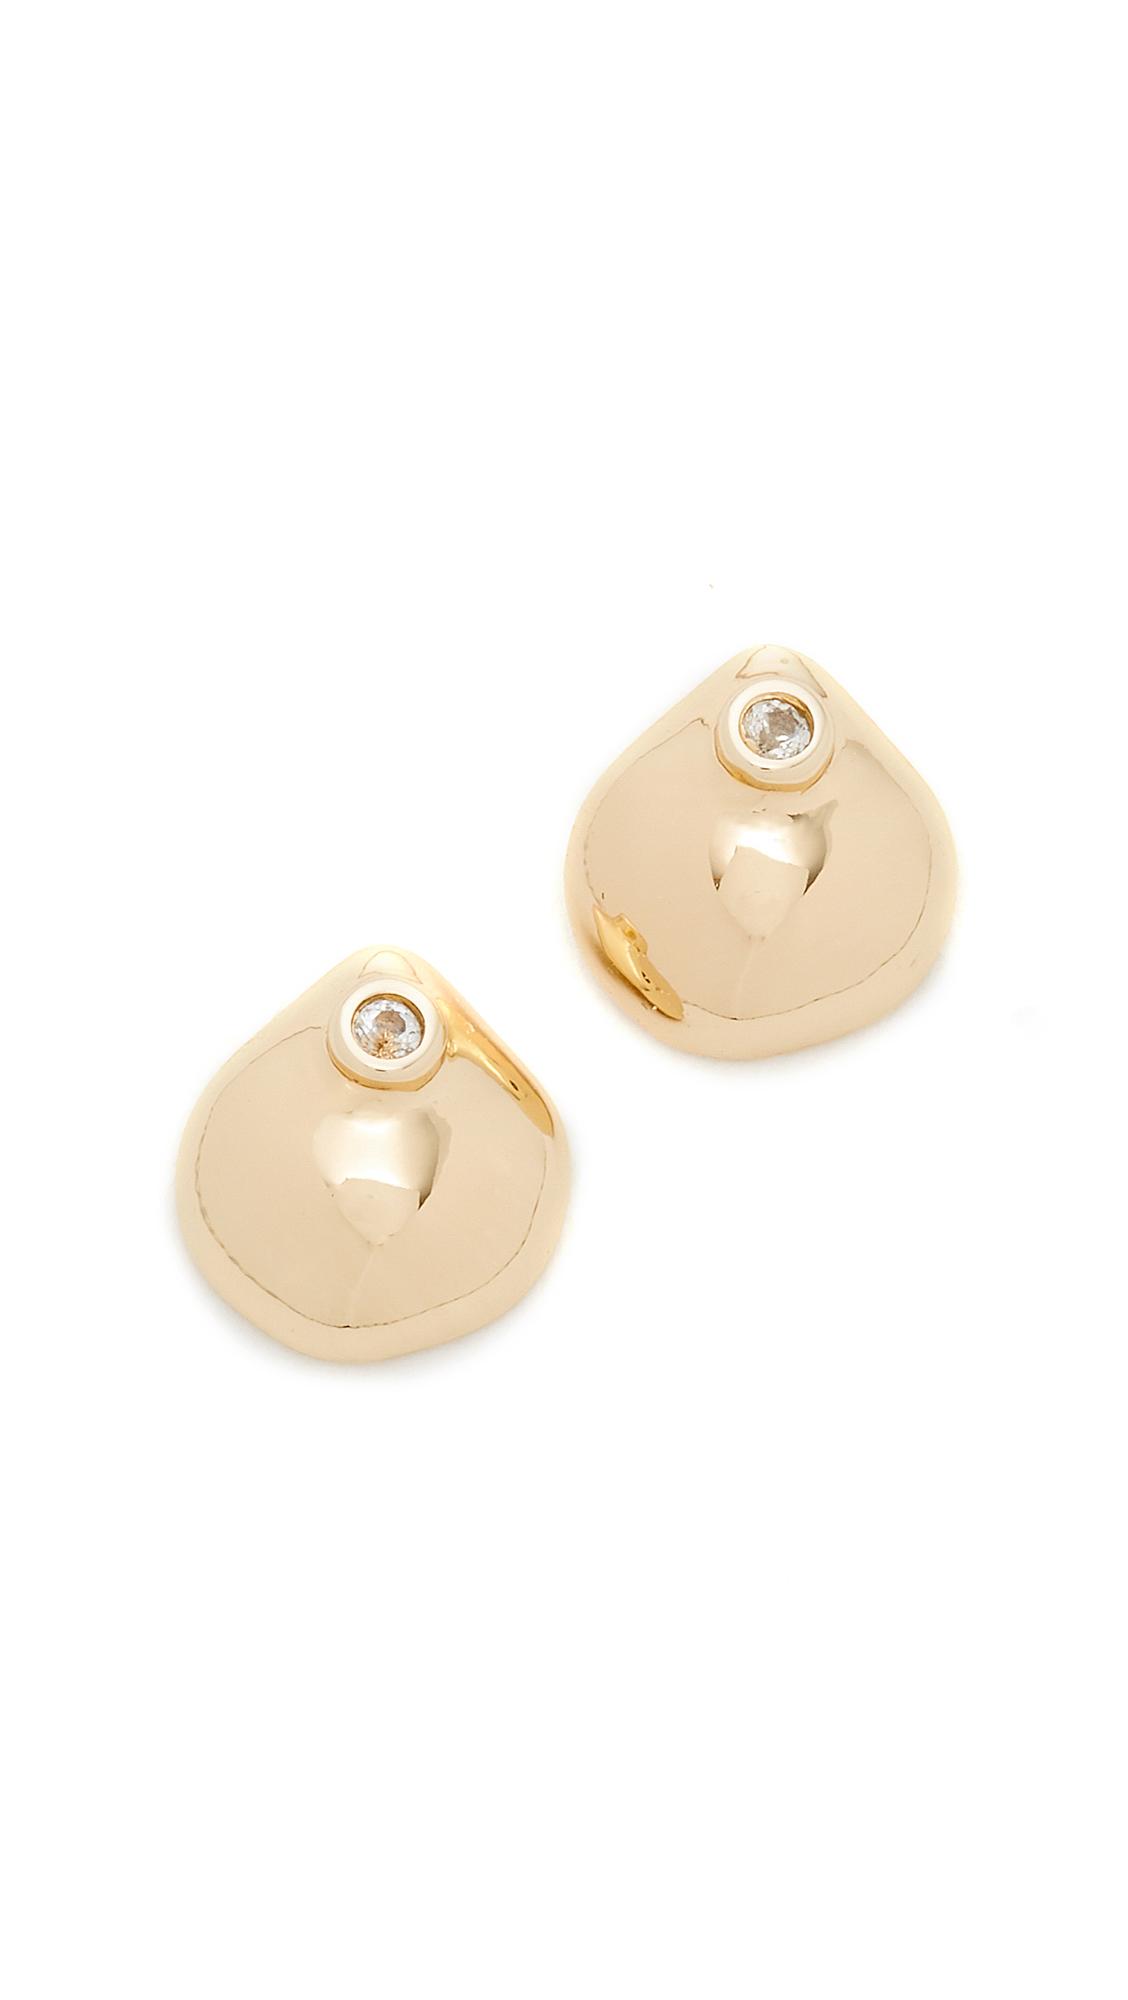 Elizabeth and James Hazel Stud Earrings - Gold